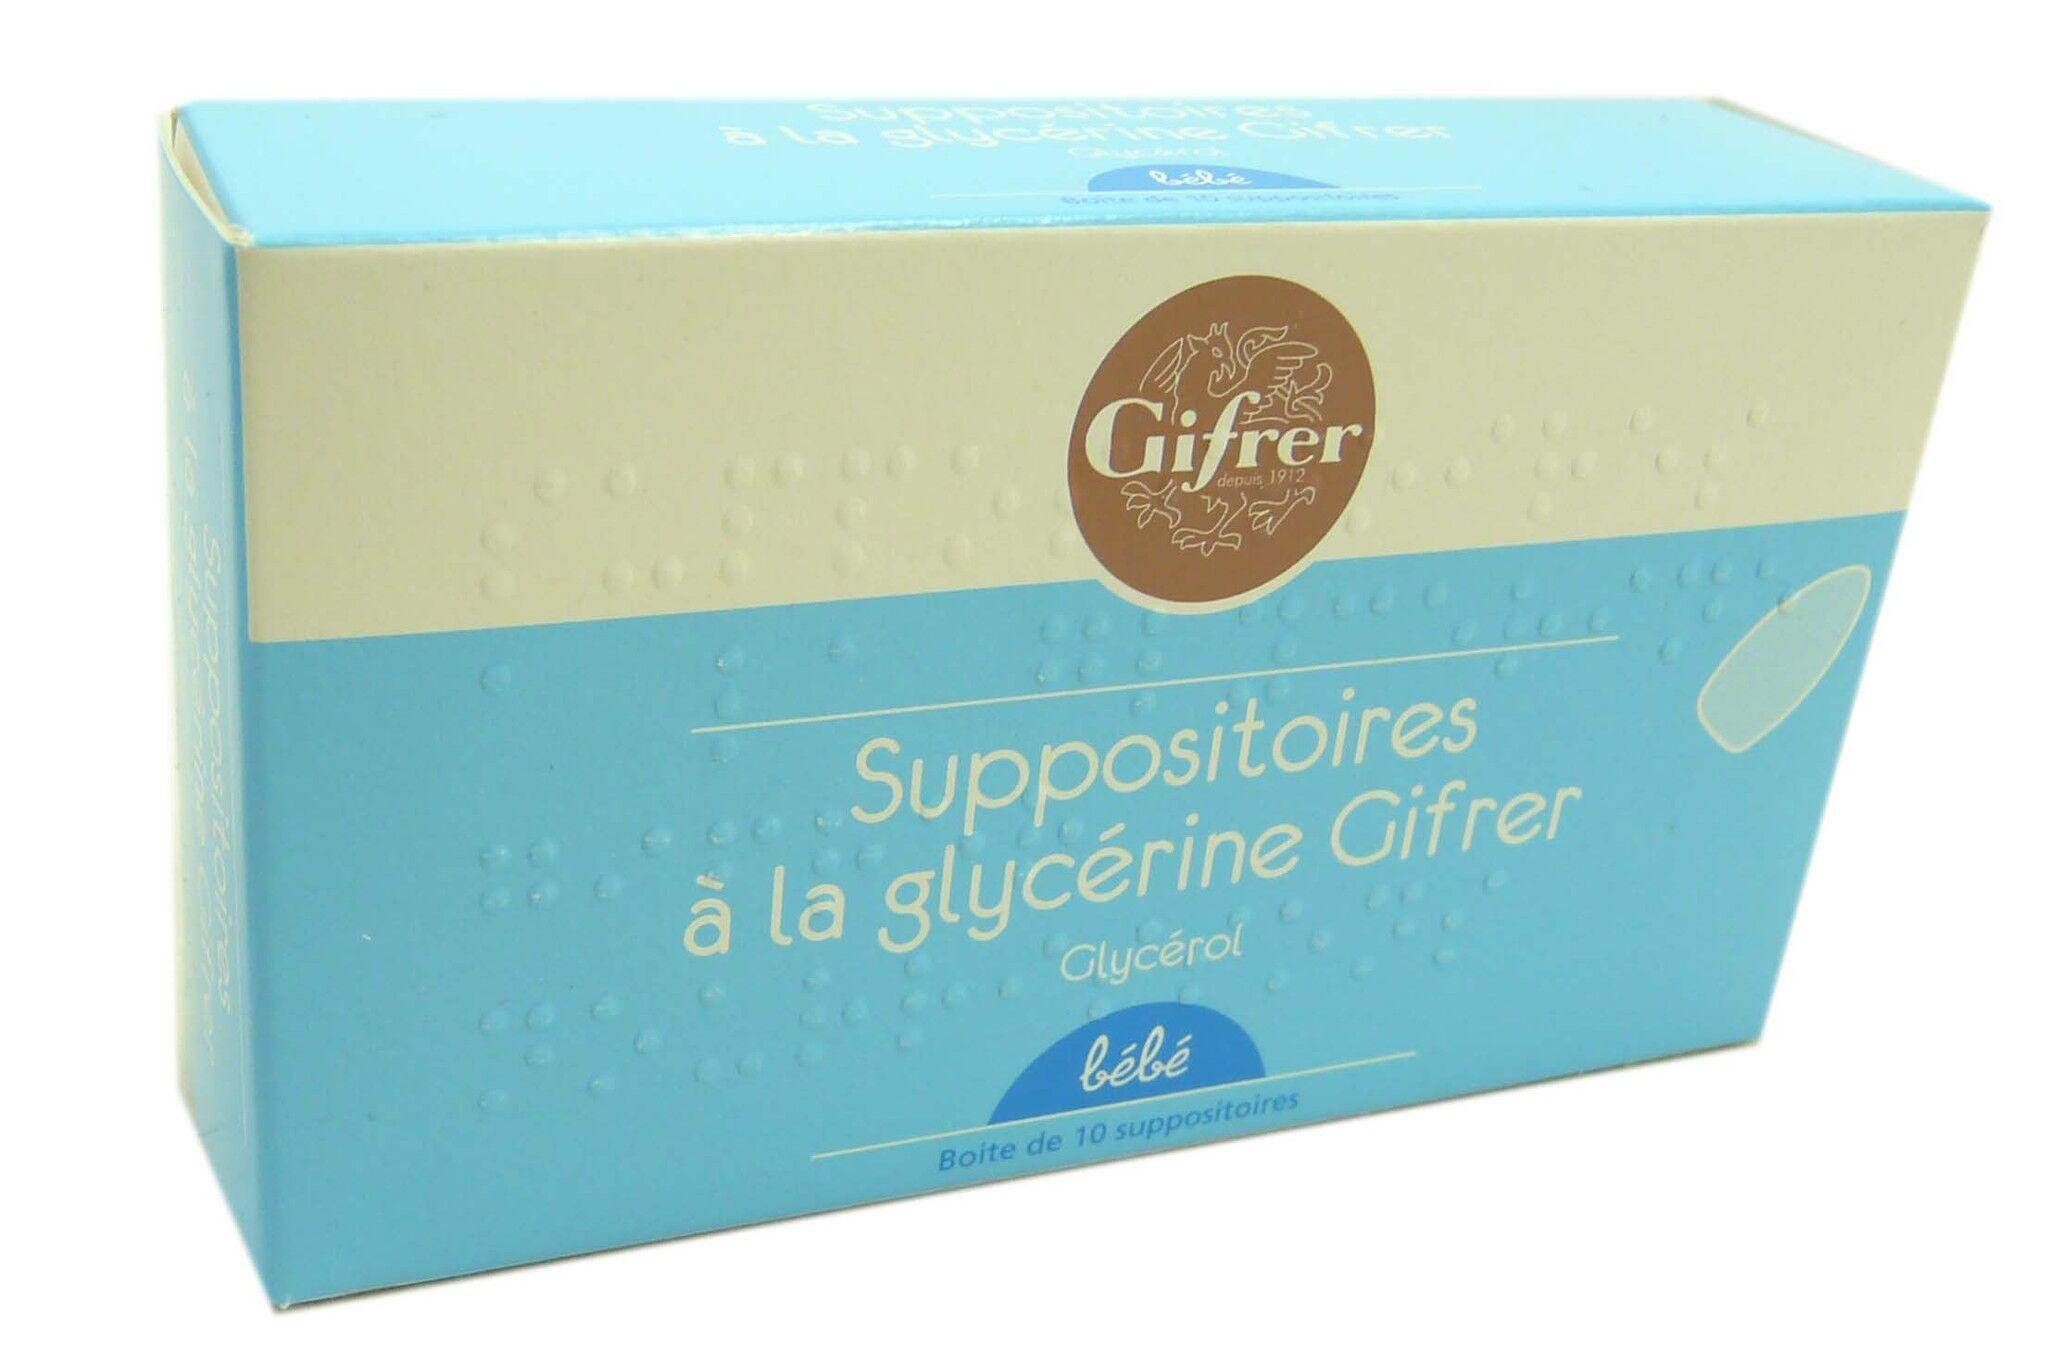 Gifrer suppositoires a la glycerine bebe bt10